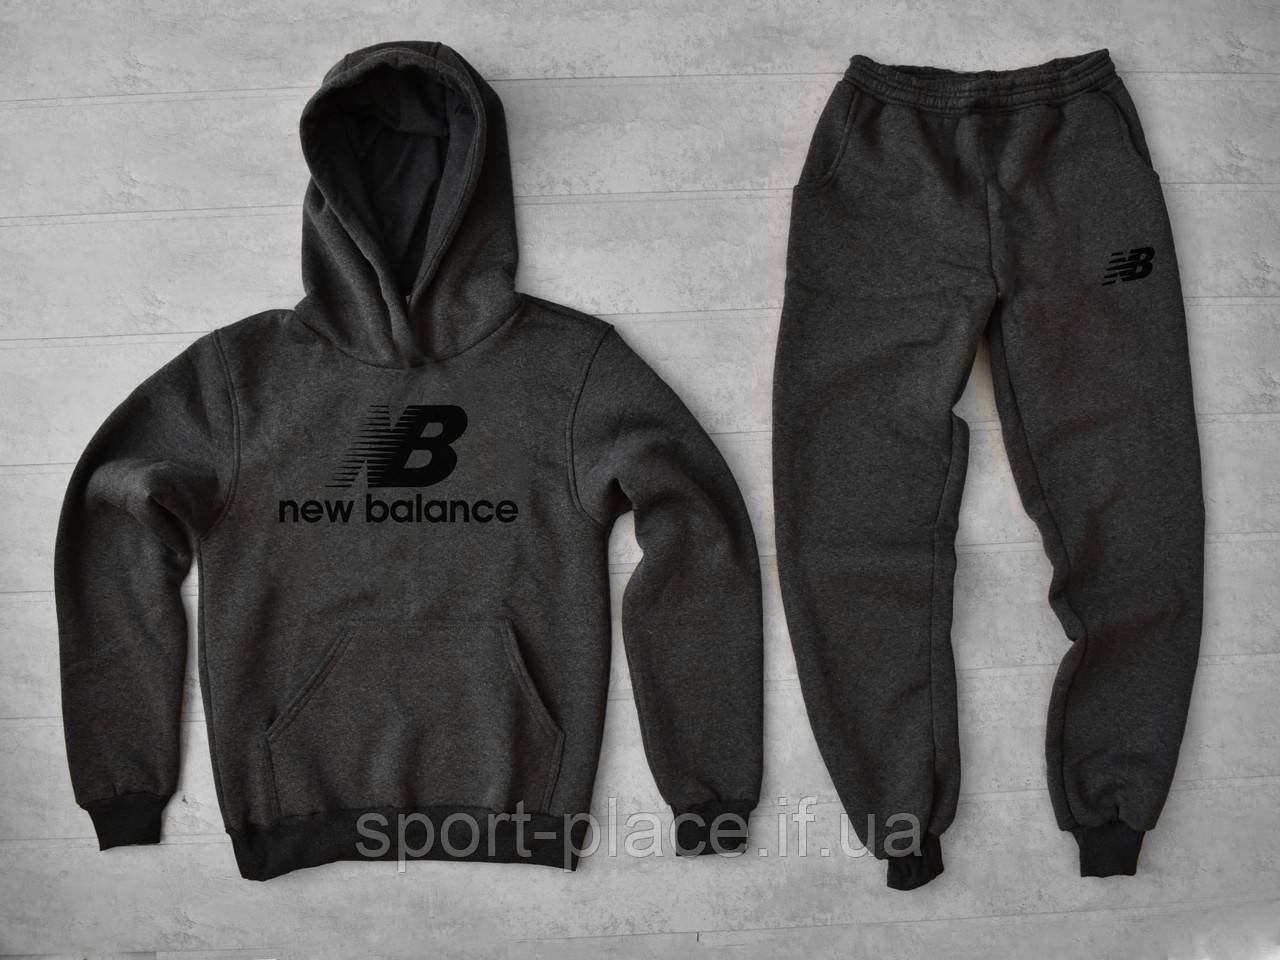 Теплий спортивний костюм New Balance темно сірий (ЗИМА) з начосом, толстовка велика емблема штани репліка